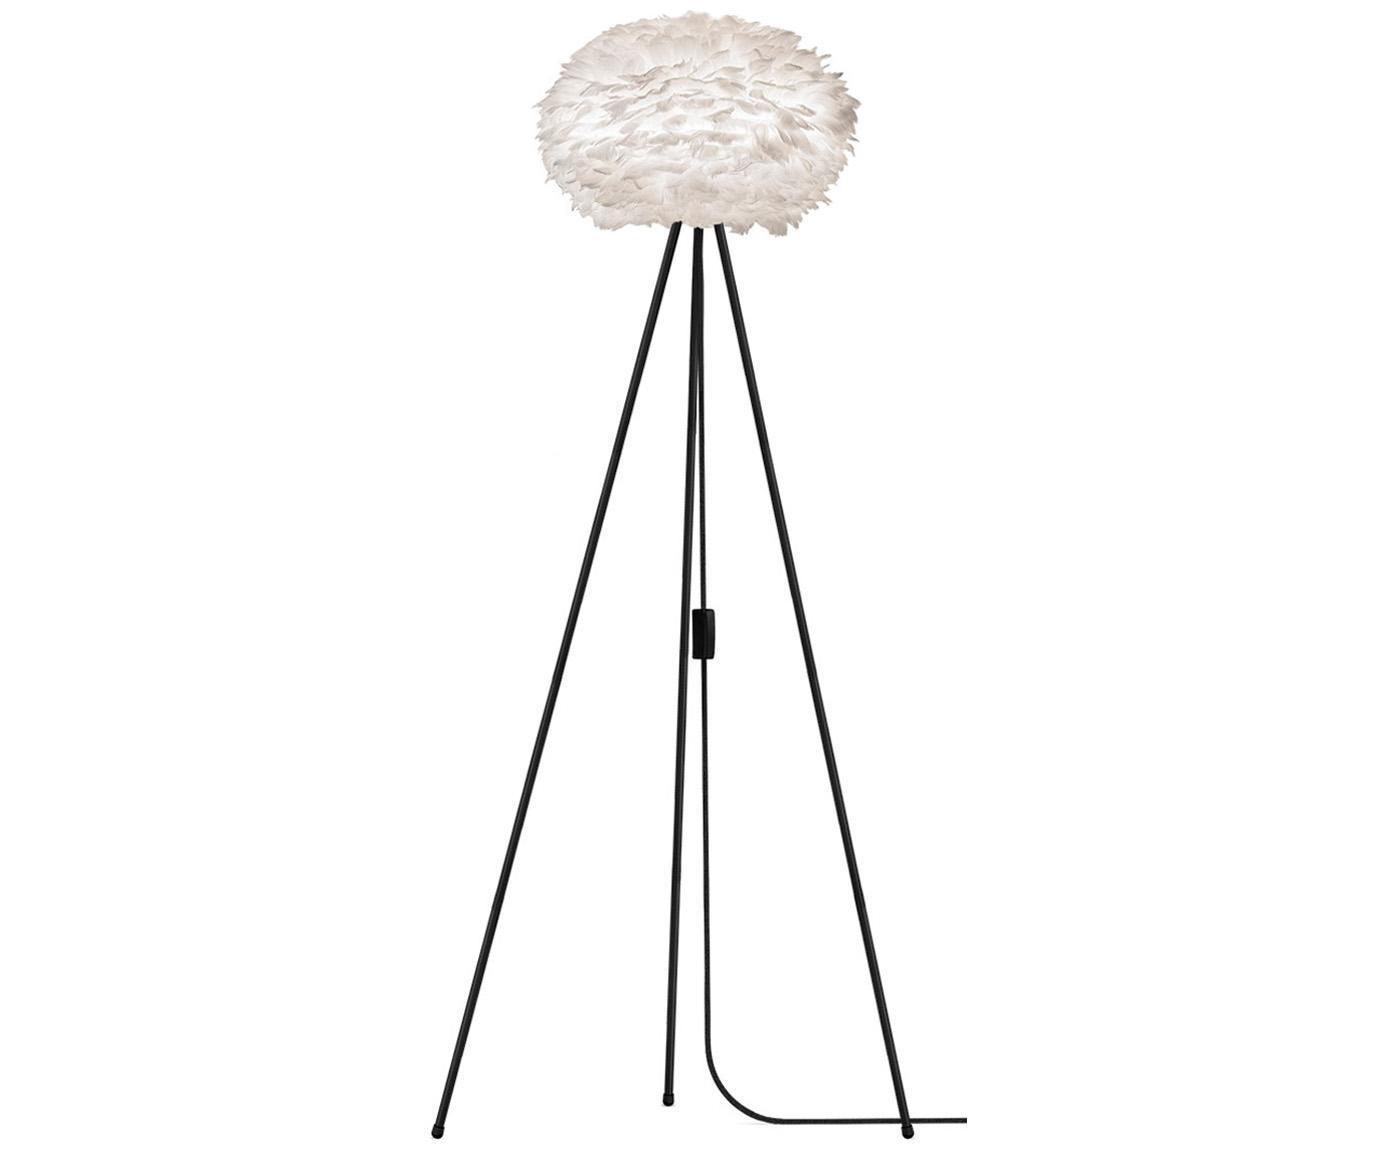 Lampa podłogowa z piór Eos, Biały, czarny, Ø 66 x W 139 cm